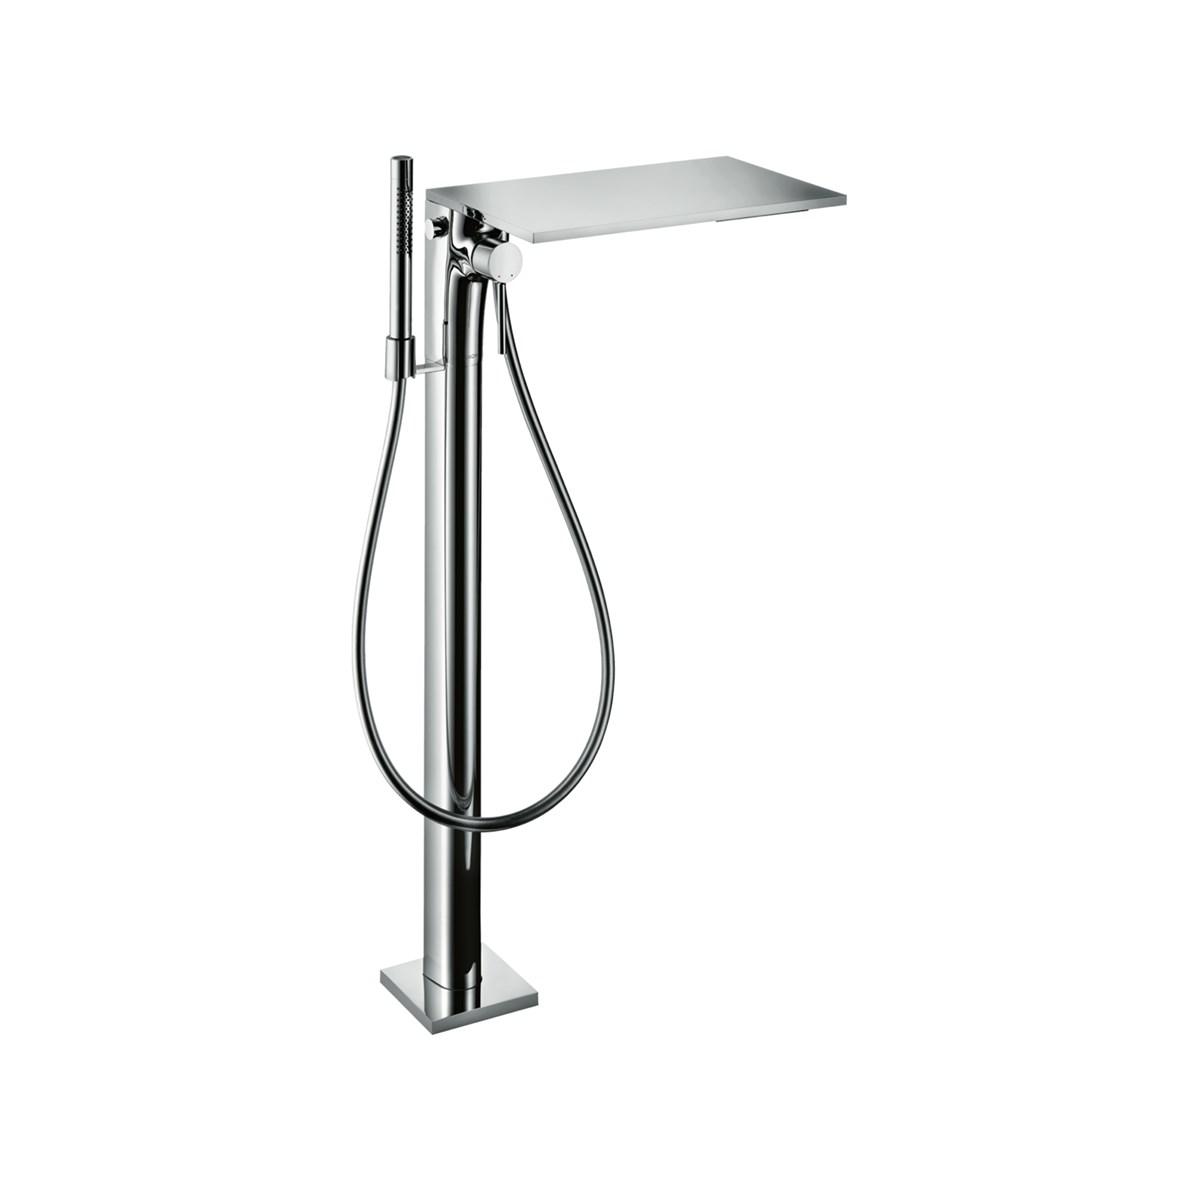 Hansgrohe-AXOR-Massaud-Bath-Mixer-Floor-Standing-18450000-Matisse-1